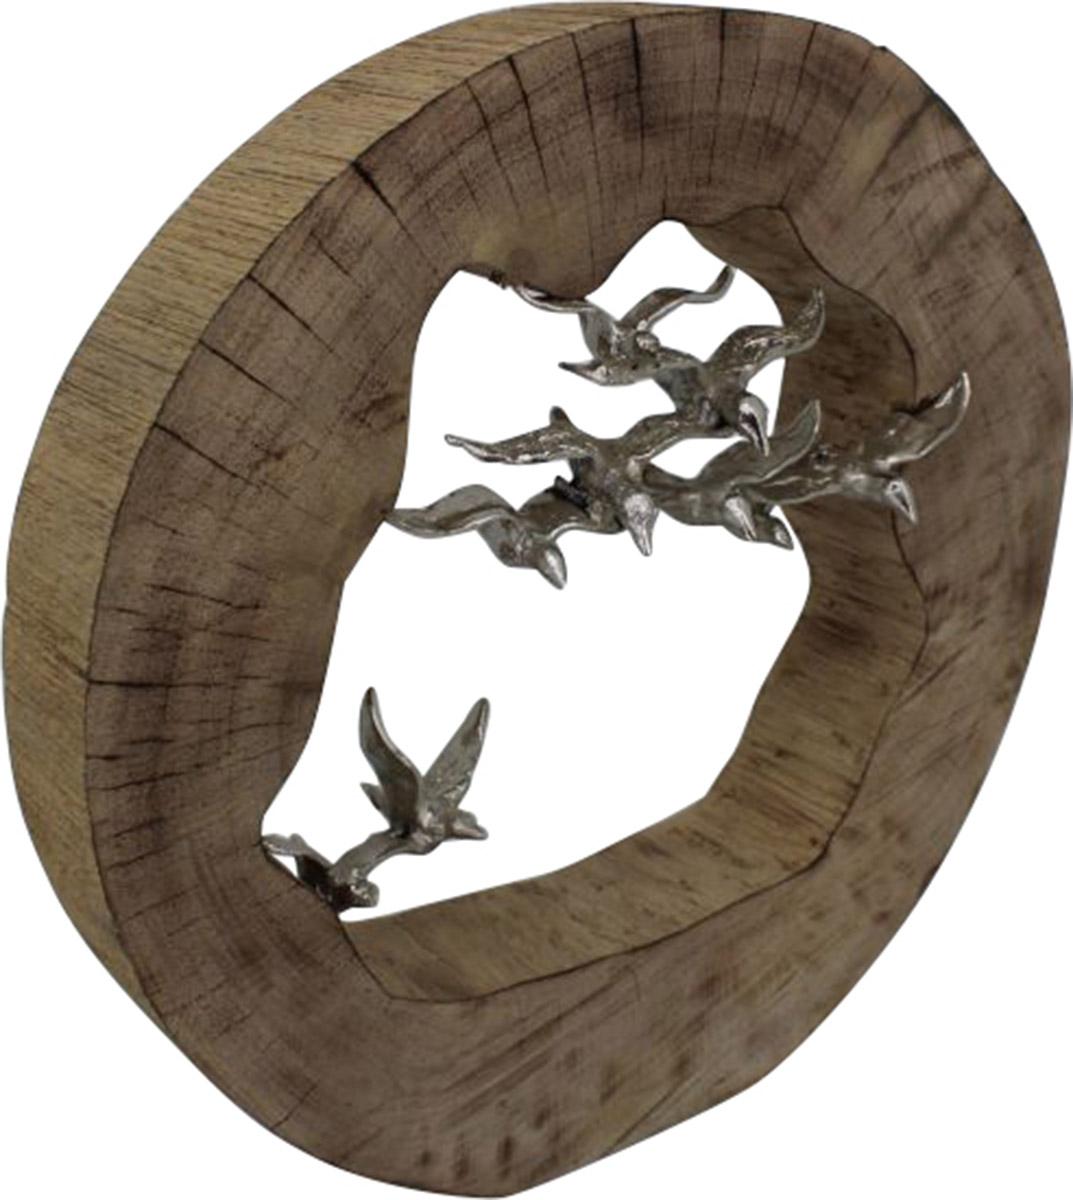 Ren-Wil Hastings Sculpture - Silver/Brown